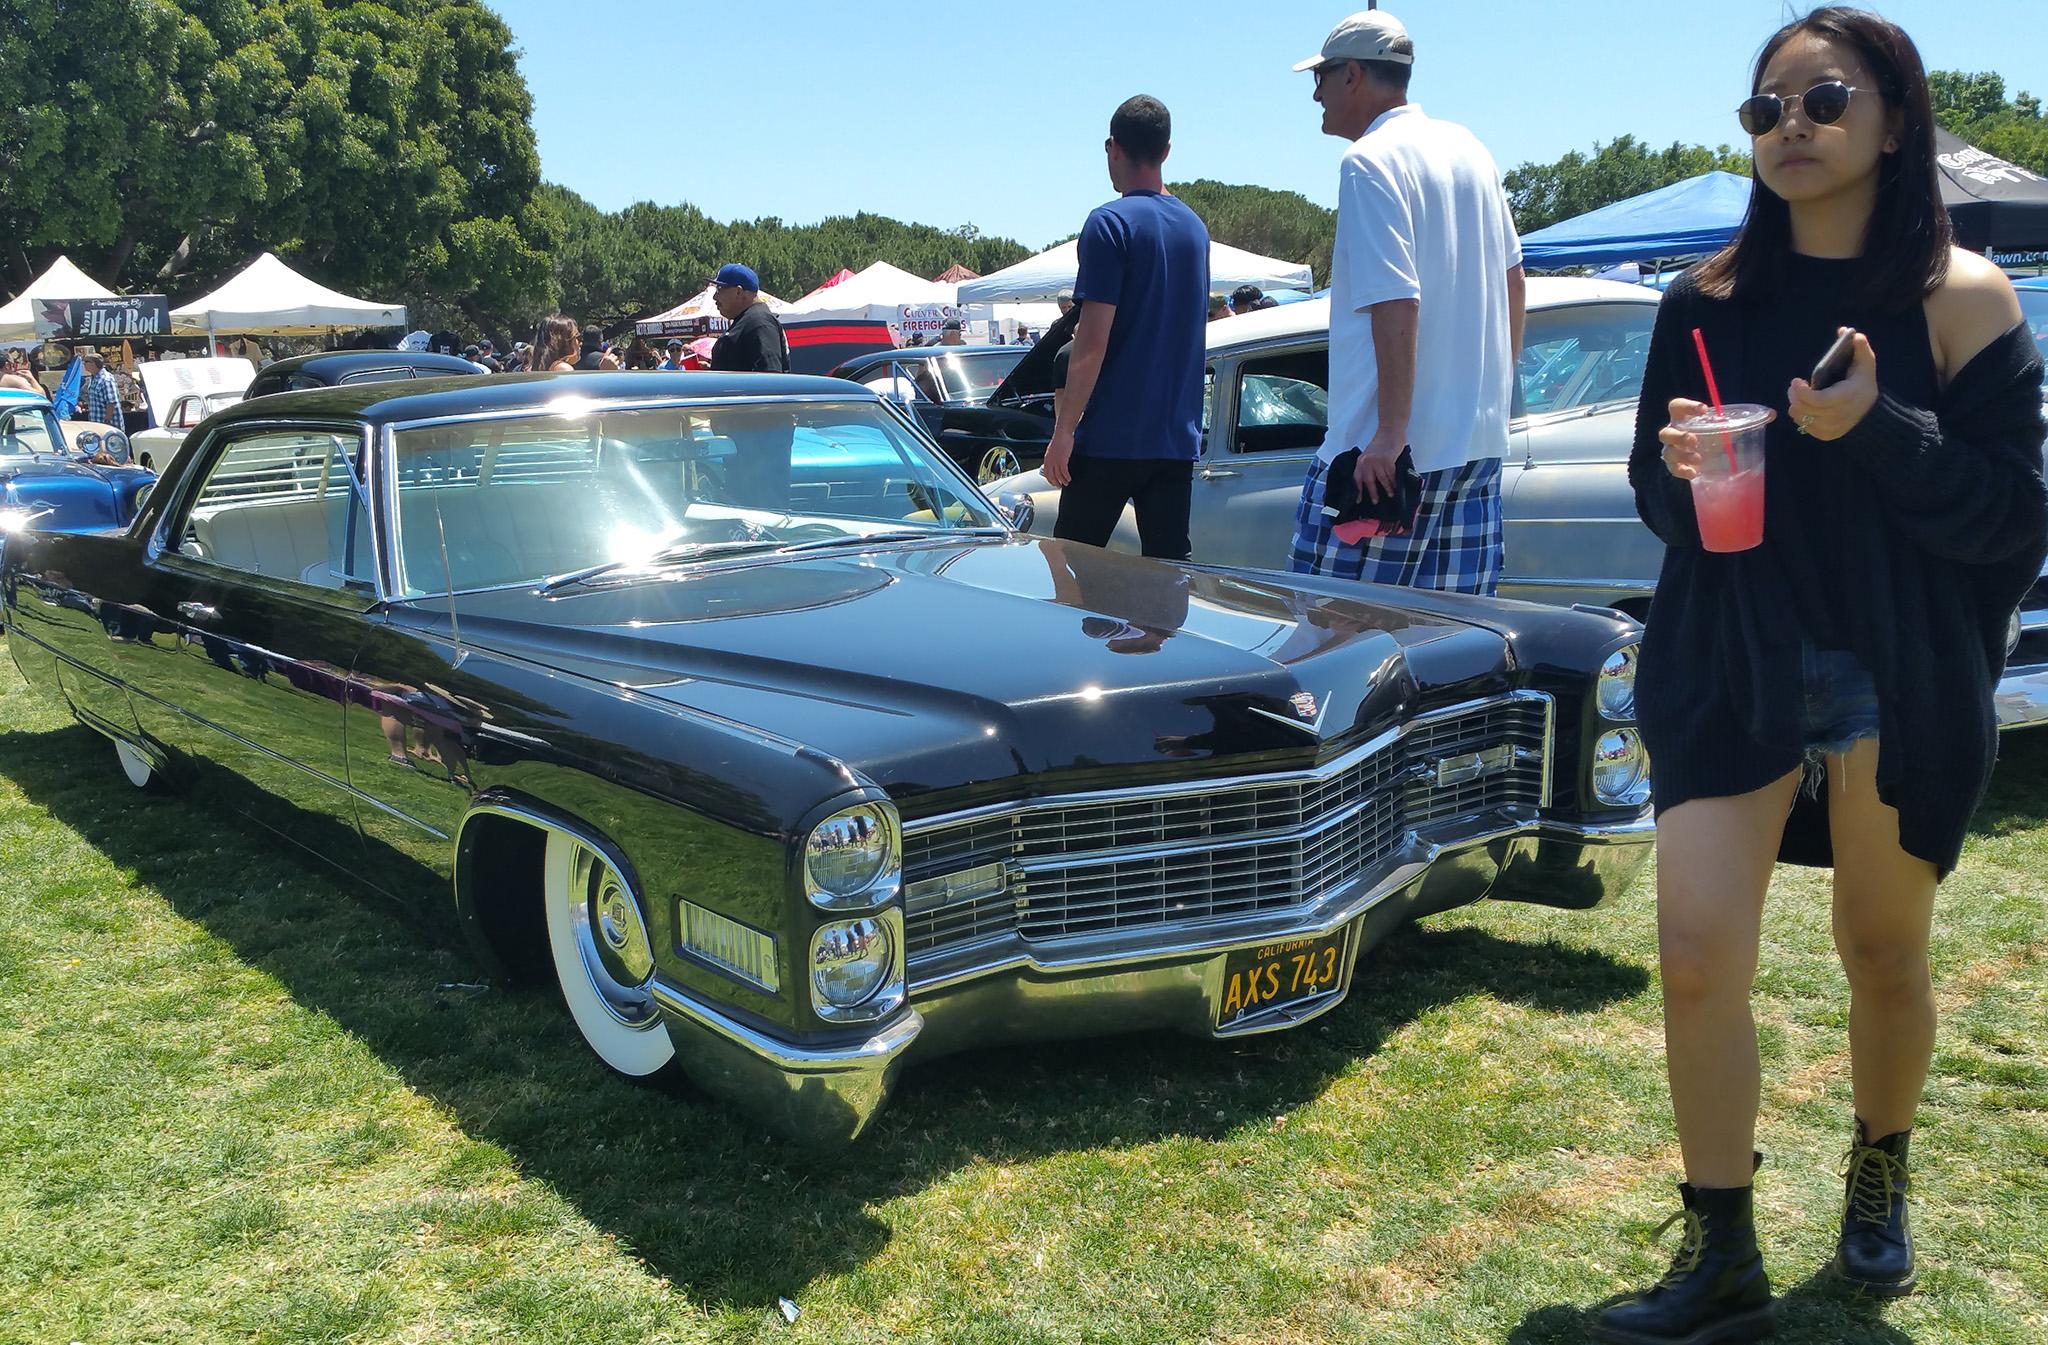 Culver City Car Show Parking